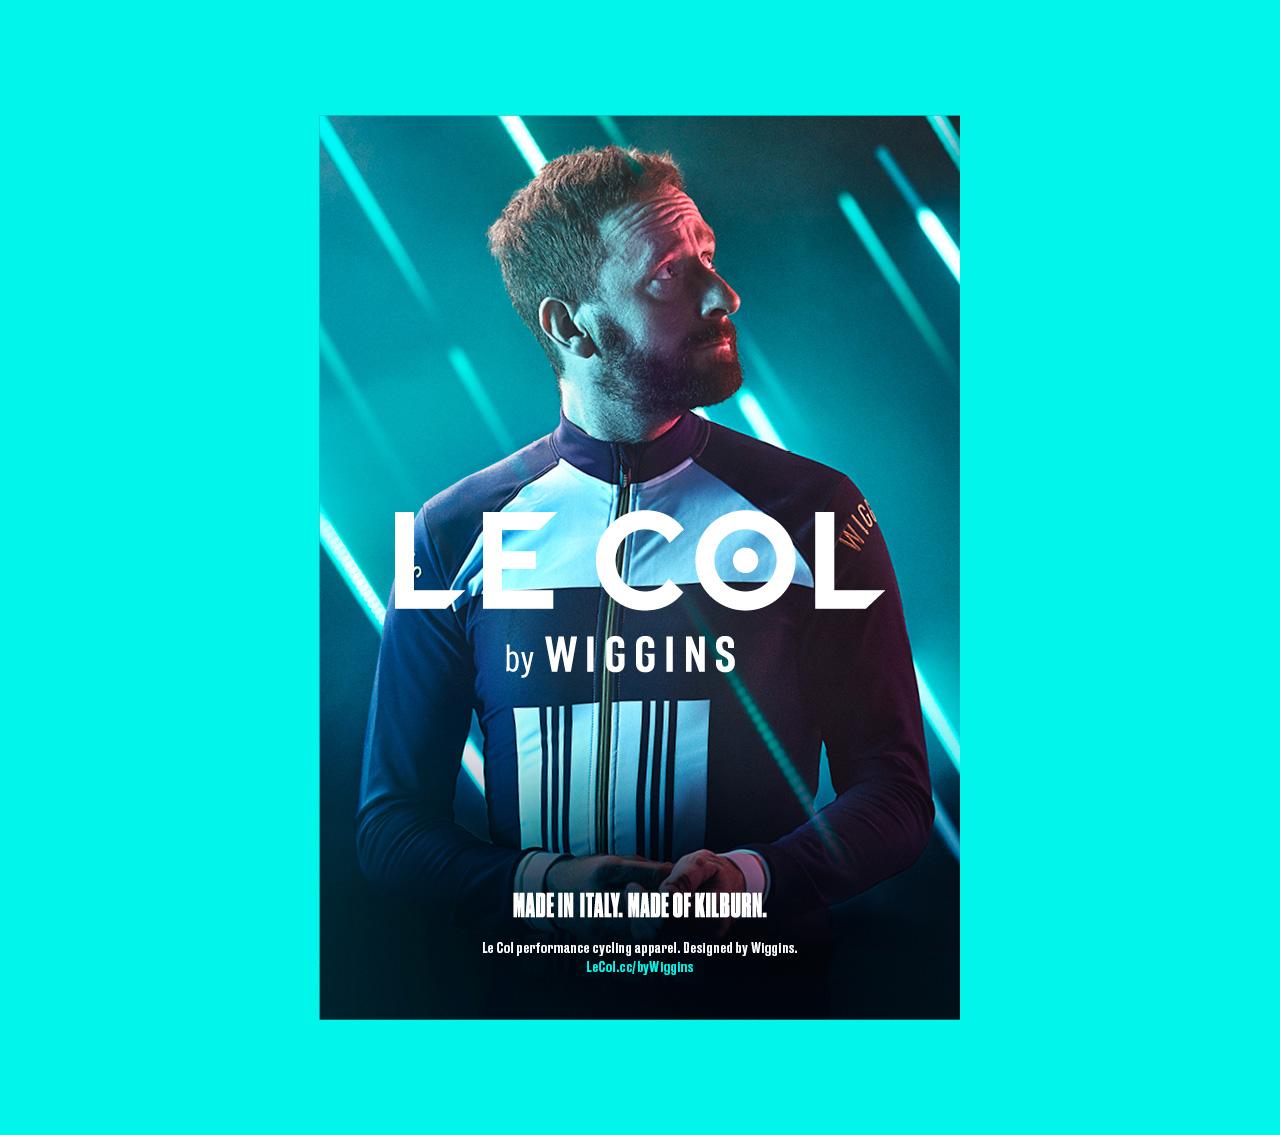 LeCol_byWiggins_2